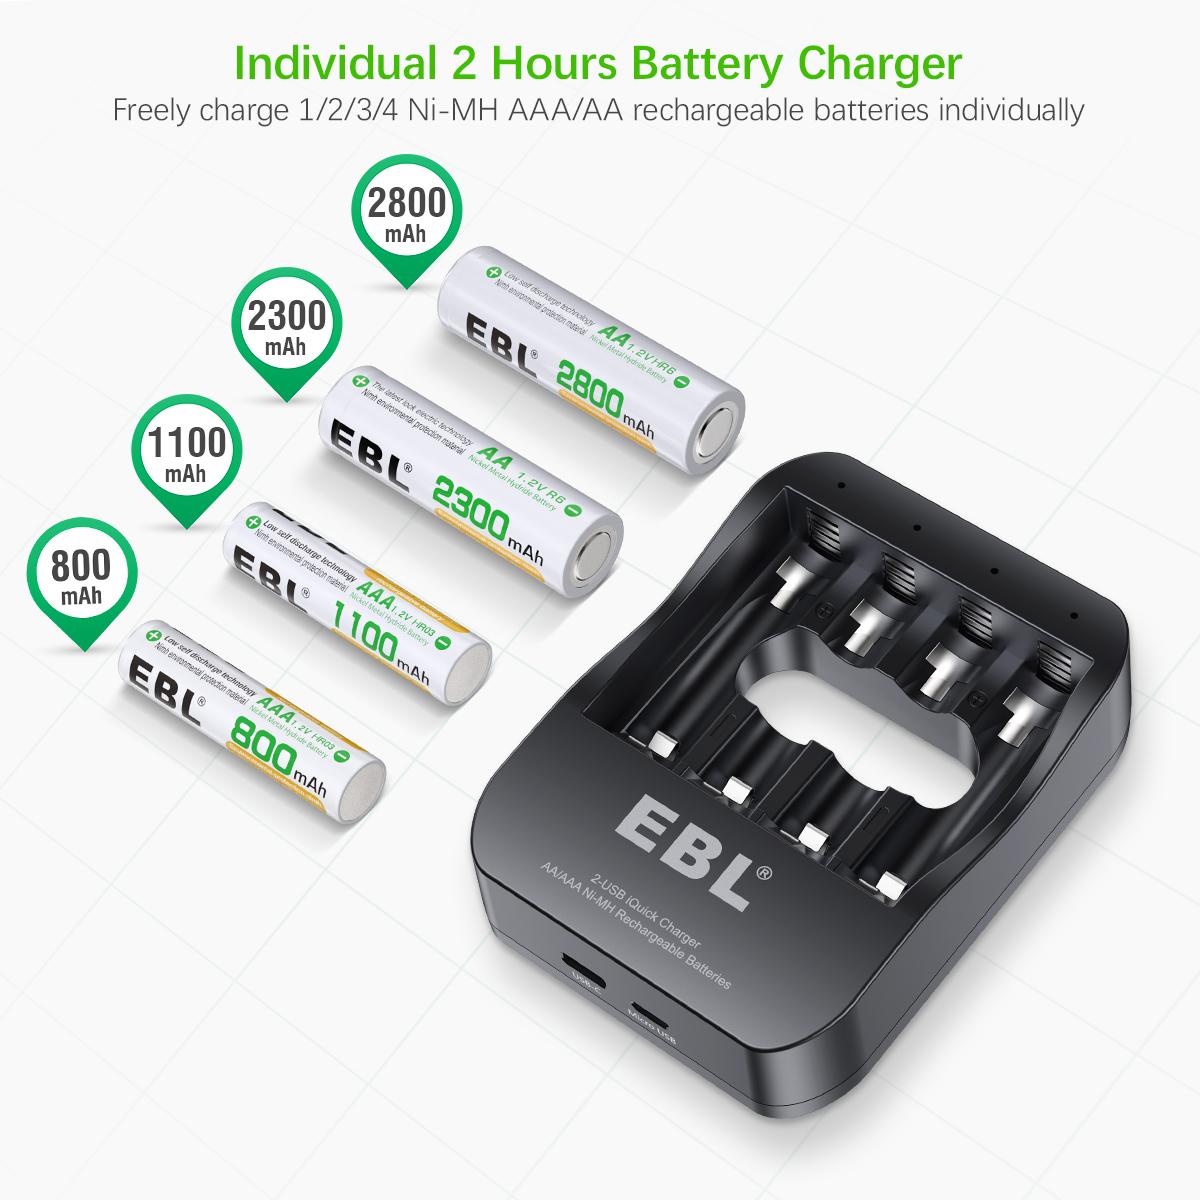 HD Display 4 Fach Batterieladeger/ät EBL Akku Ladeger/ät mit LCD Anzeige f/ür wiederaufladbare AA AAA Batterien NI-MH NI-Cd Akkus